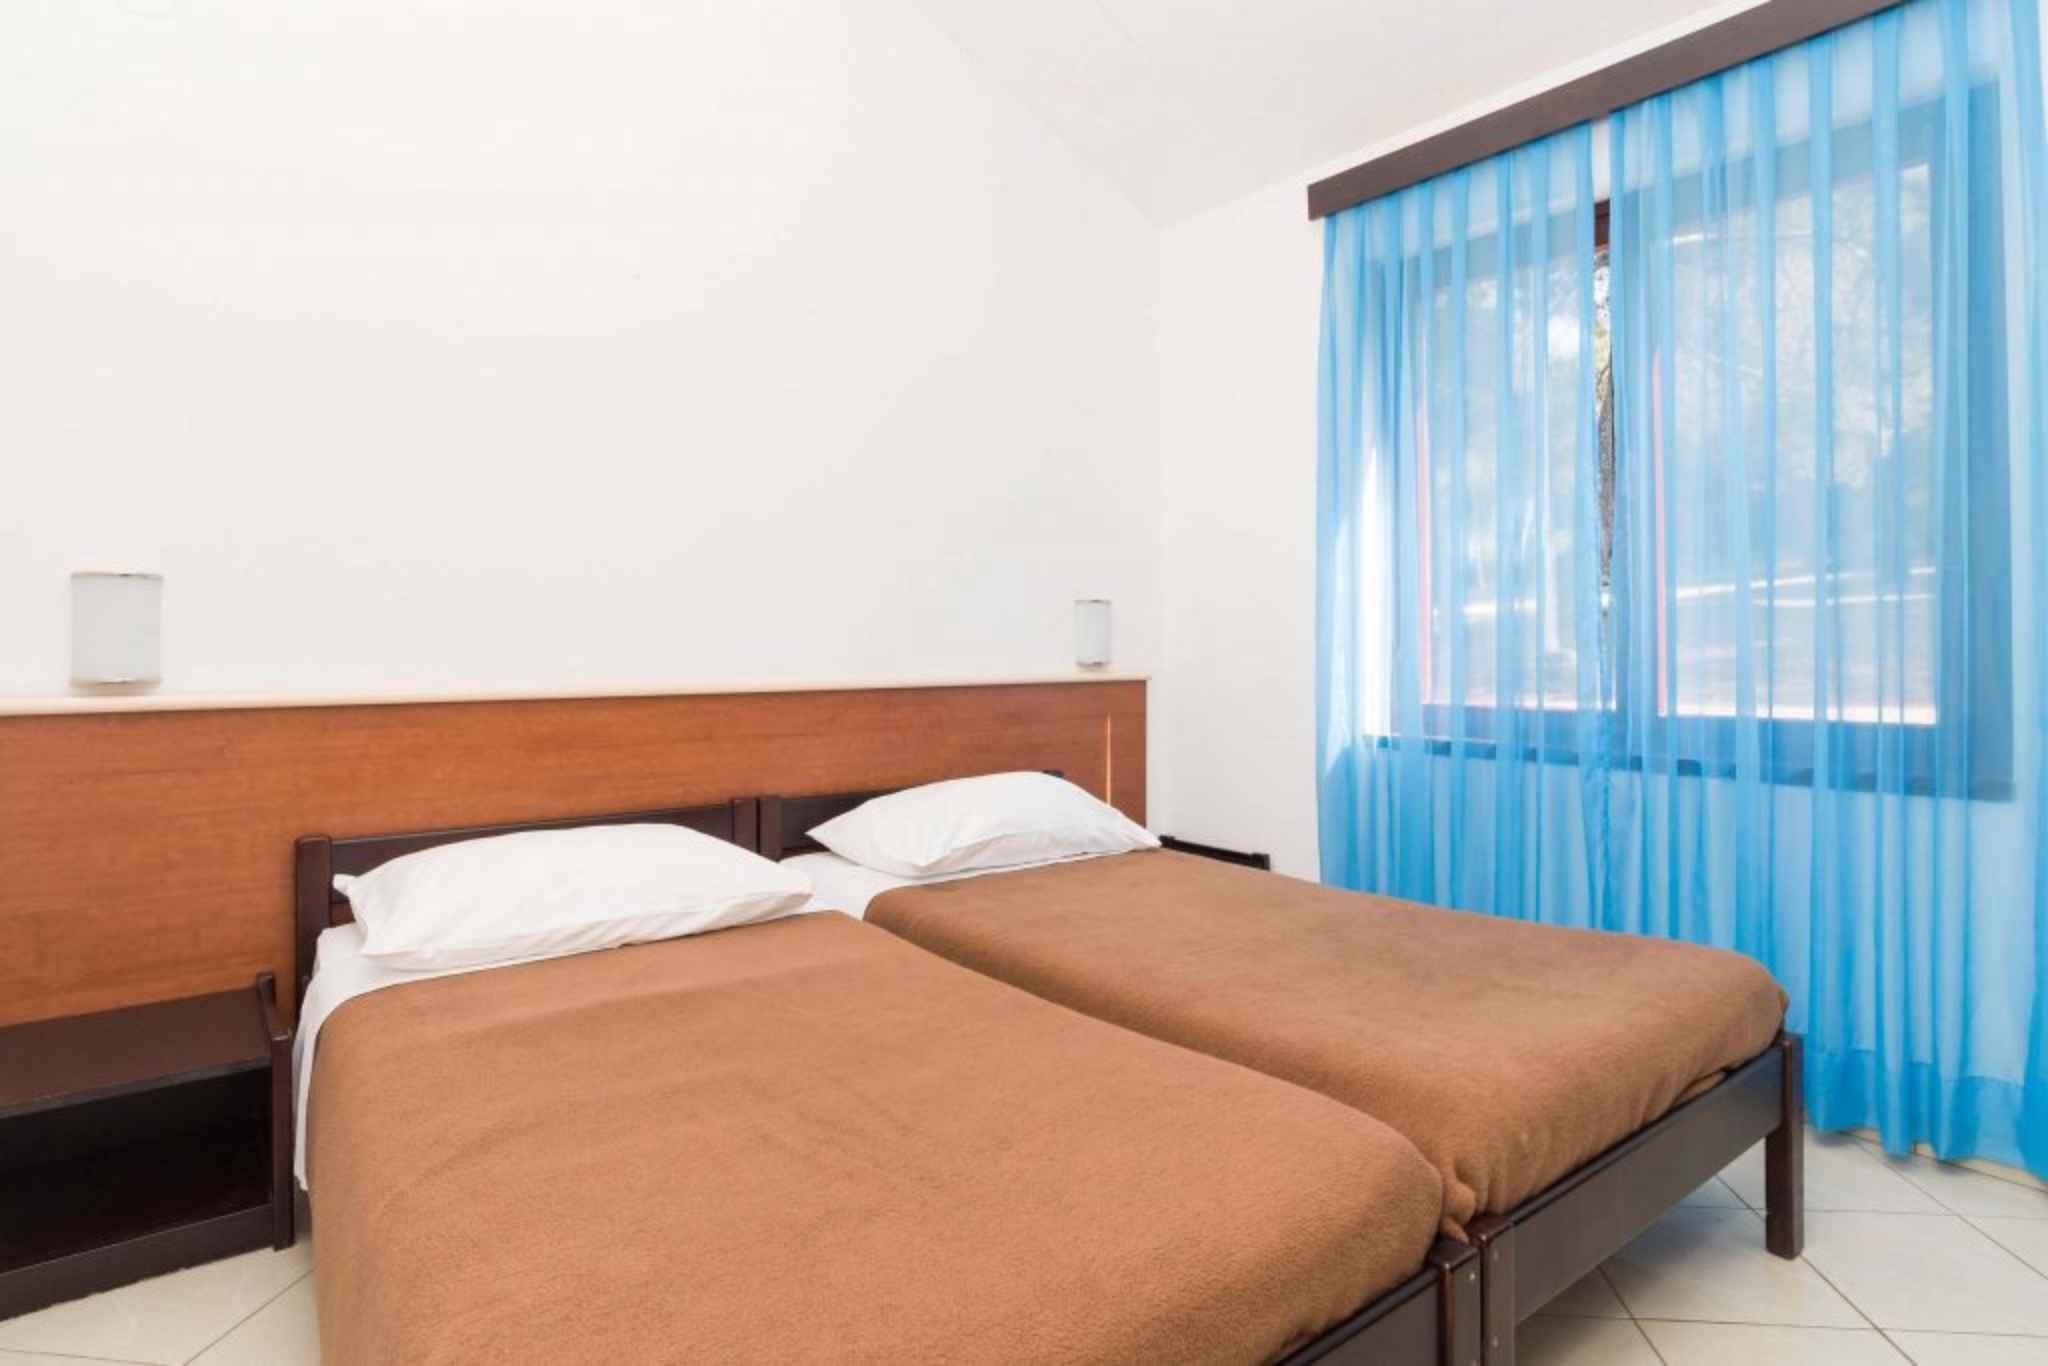 Ferienhaus Bungalow in der Ferienanlage Kanegra (281162), Umag, , Istrien, Kroatien, Bild 8